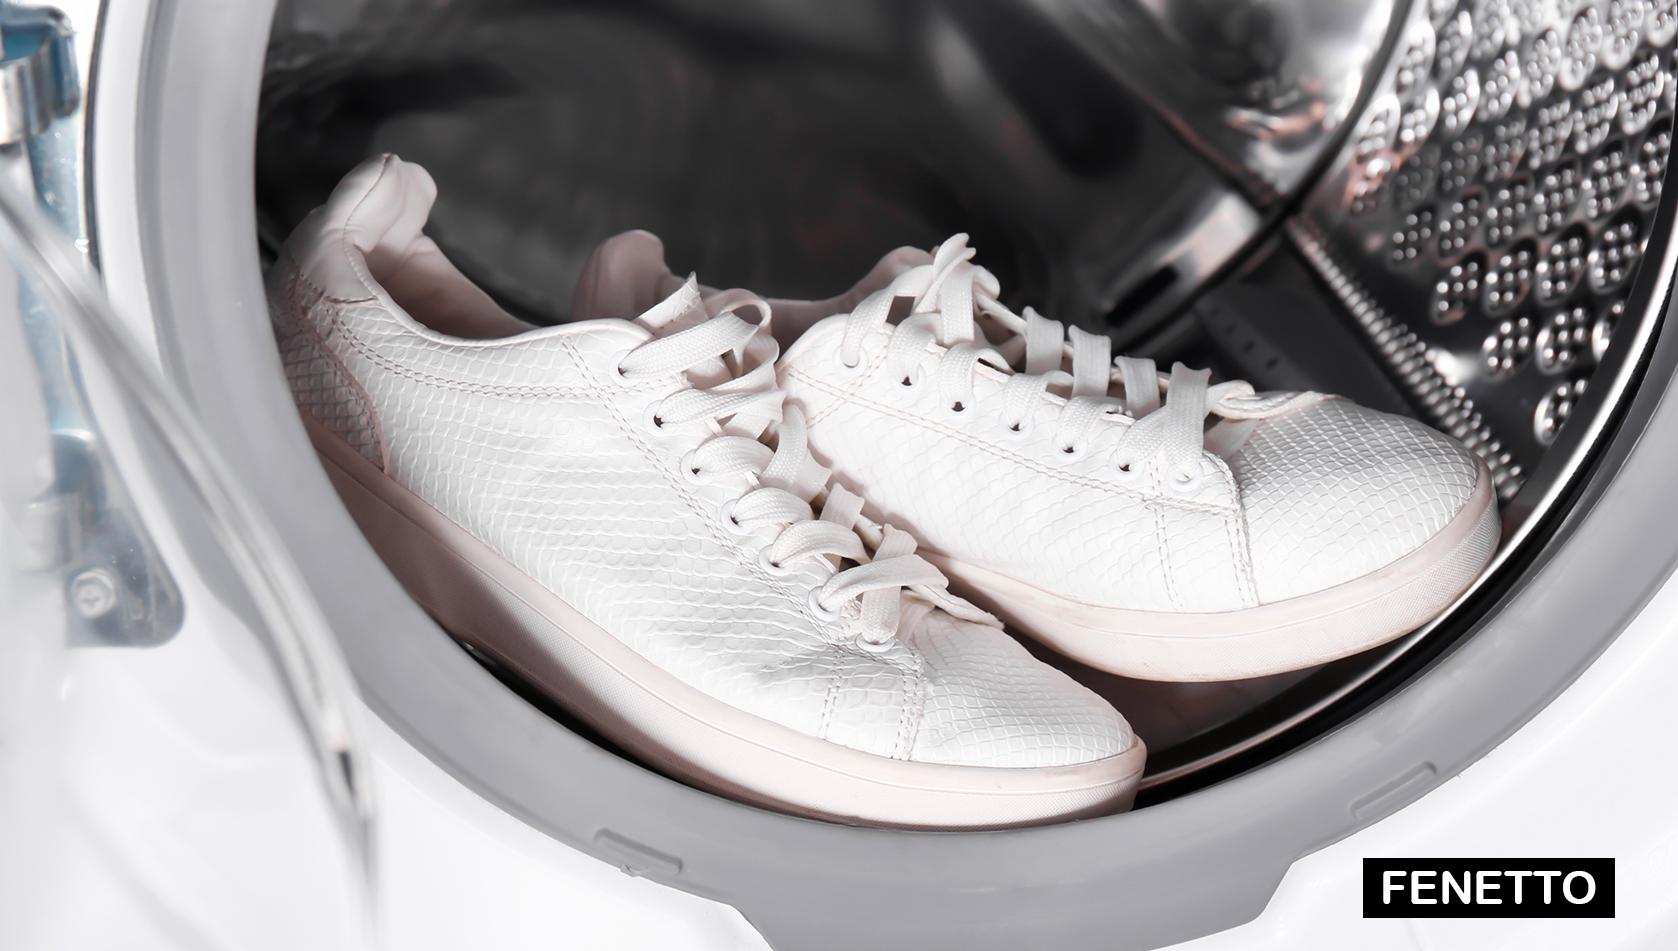 روش تمیز کردن کفش های سفید